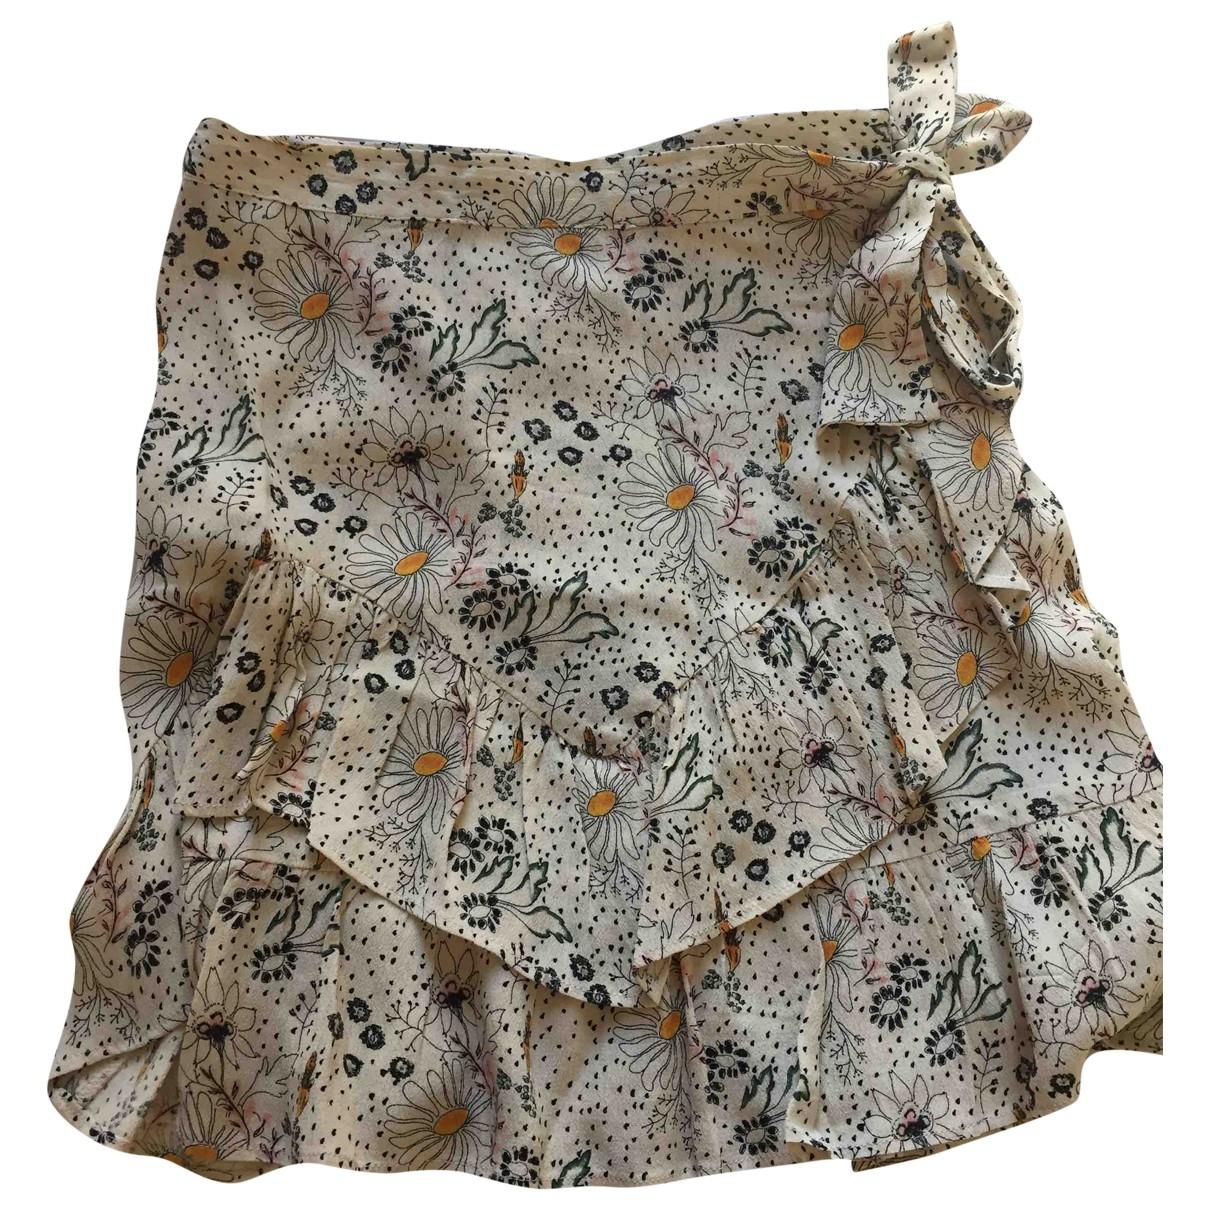 Karl Marc John \N White skirt for Women 34 FR